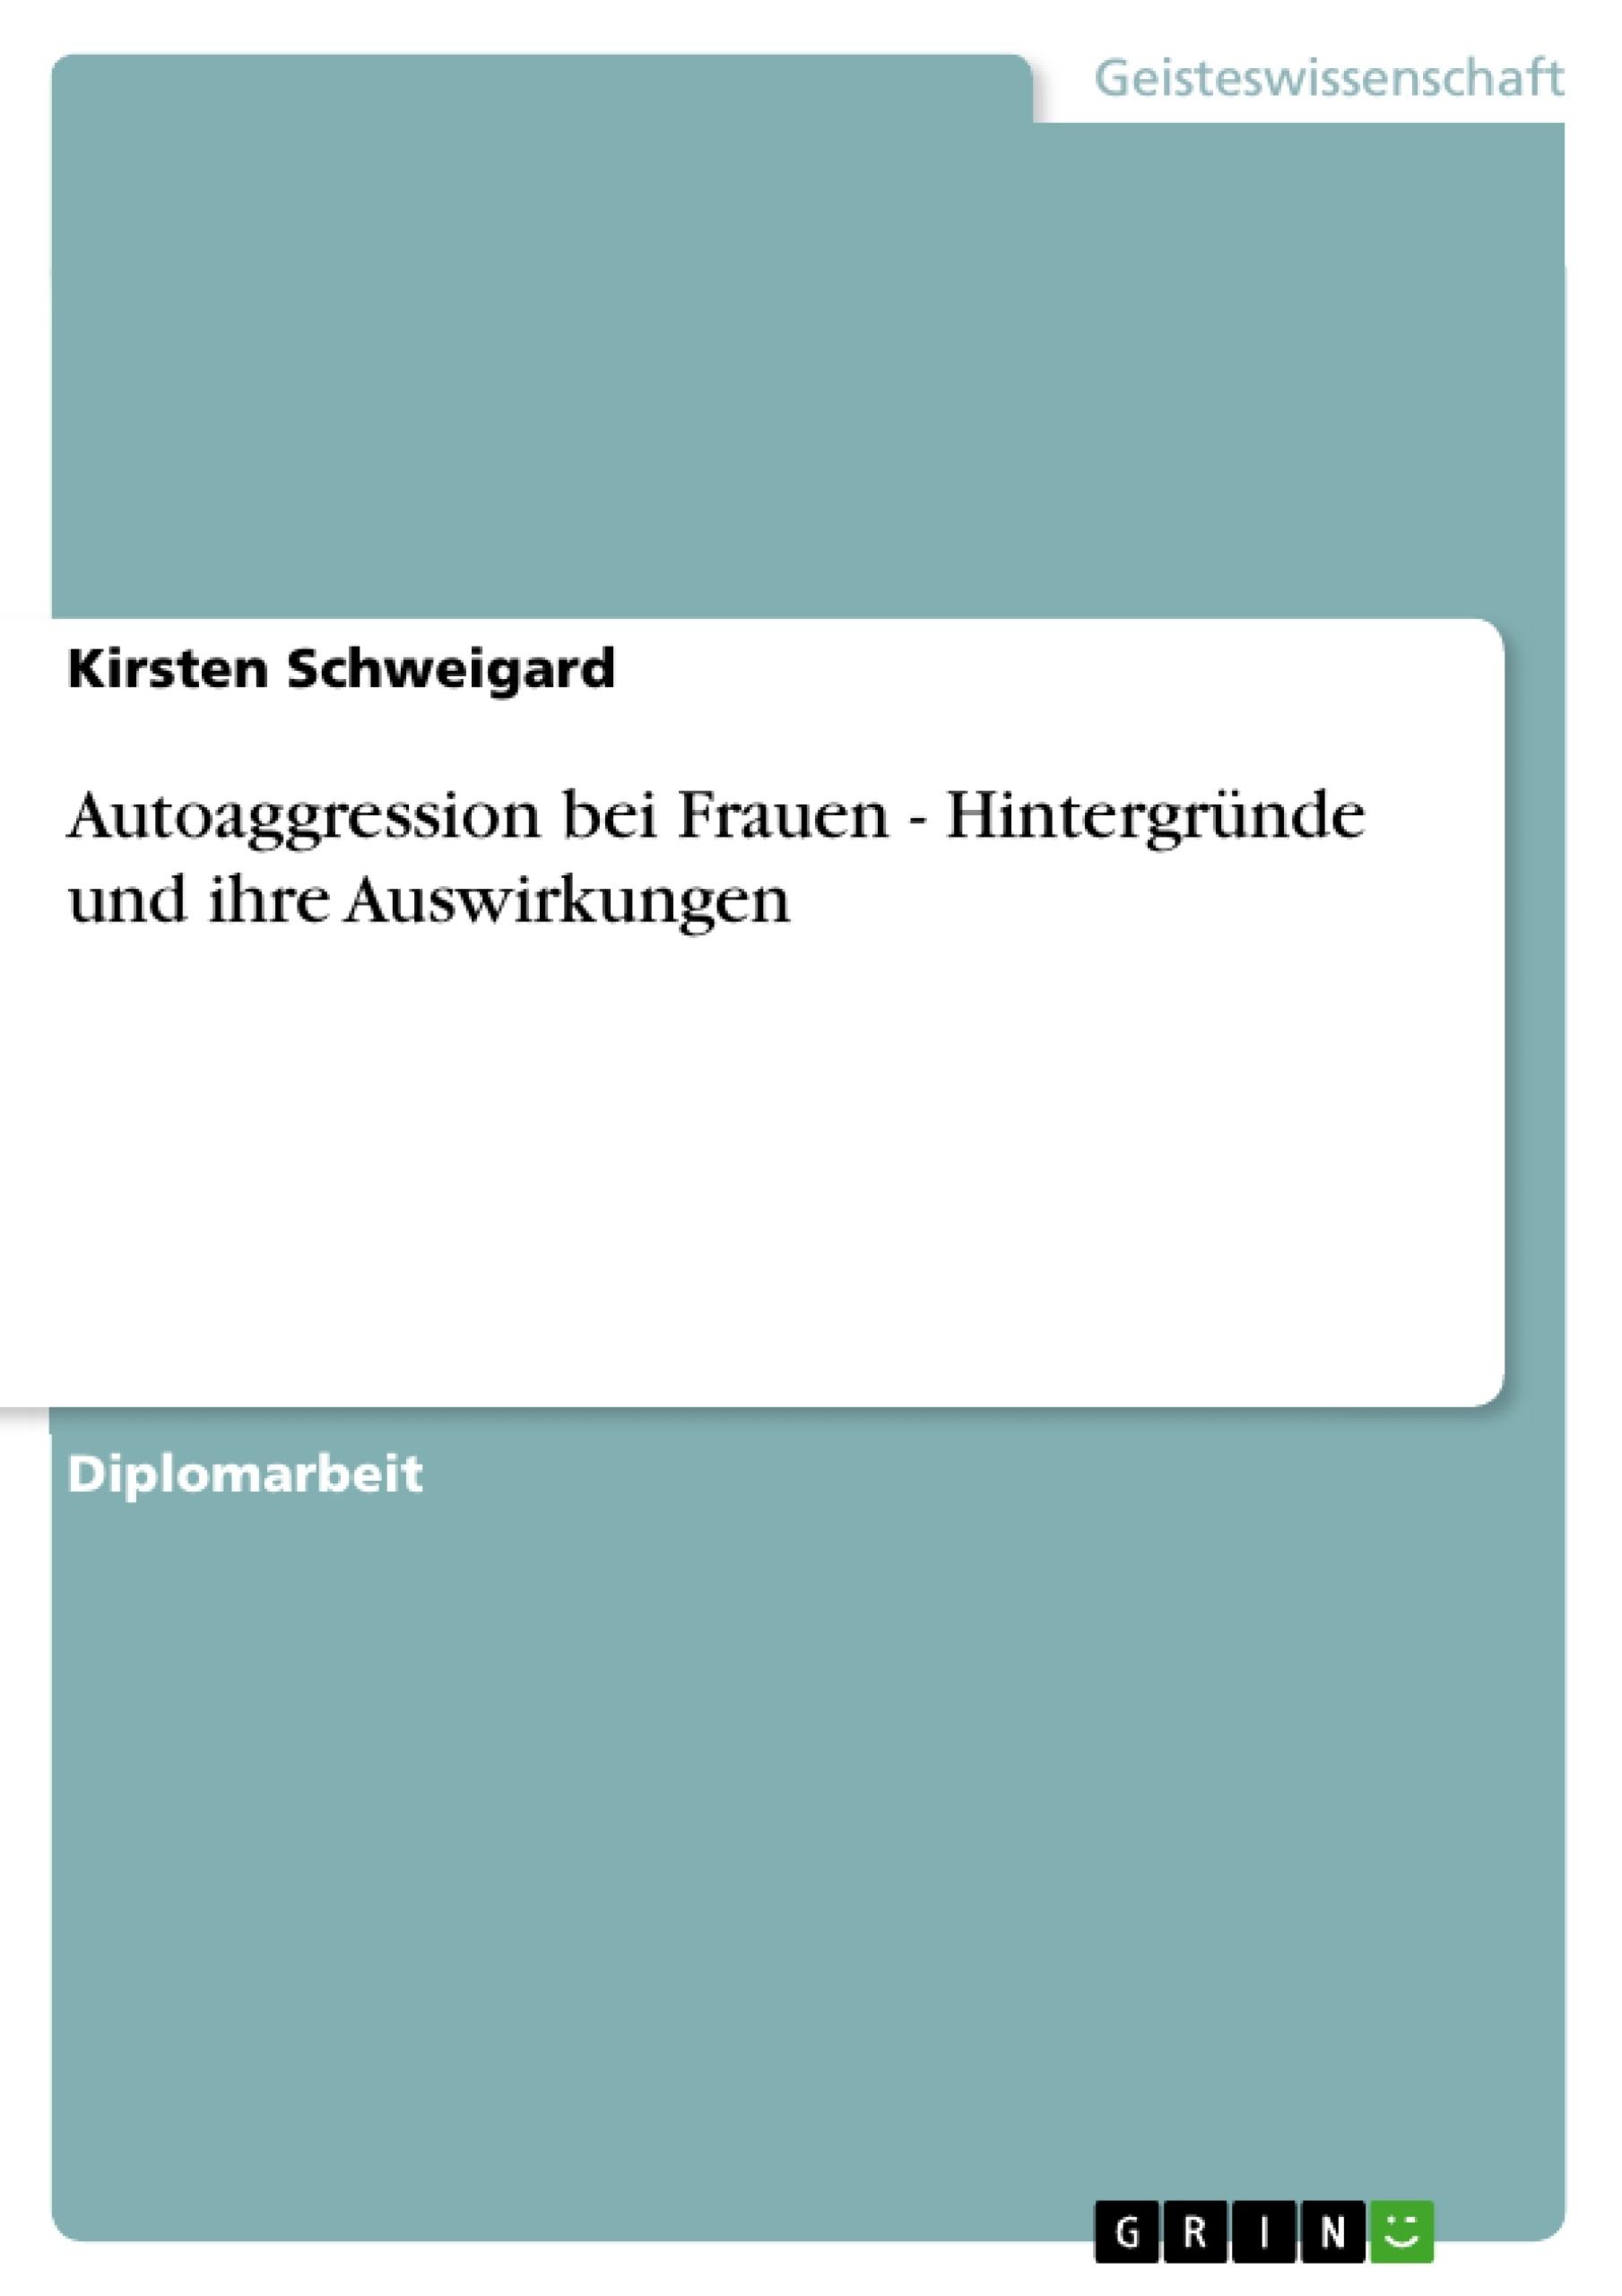 Titel: Autoaggression bei Frauen - Hintergründe und ihre Auswirkungen